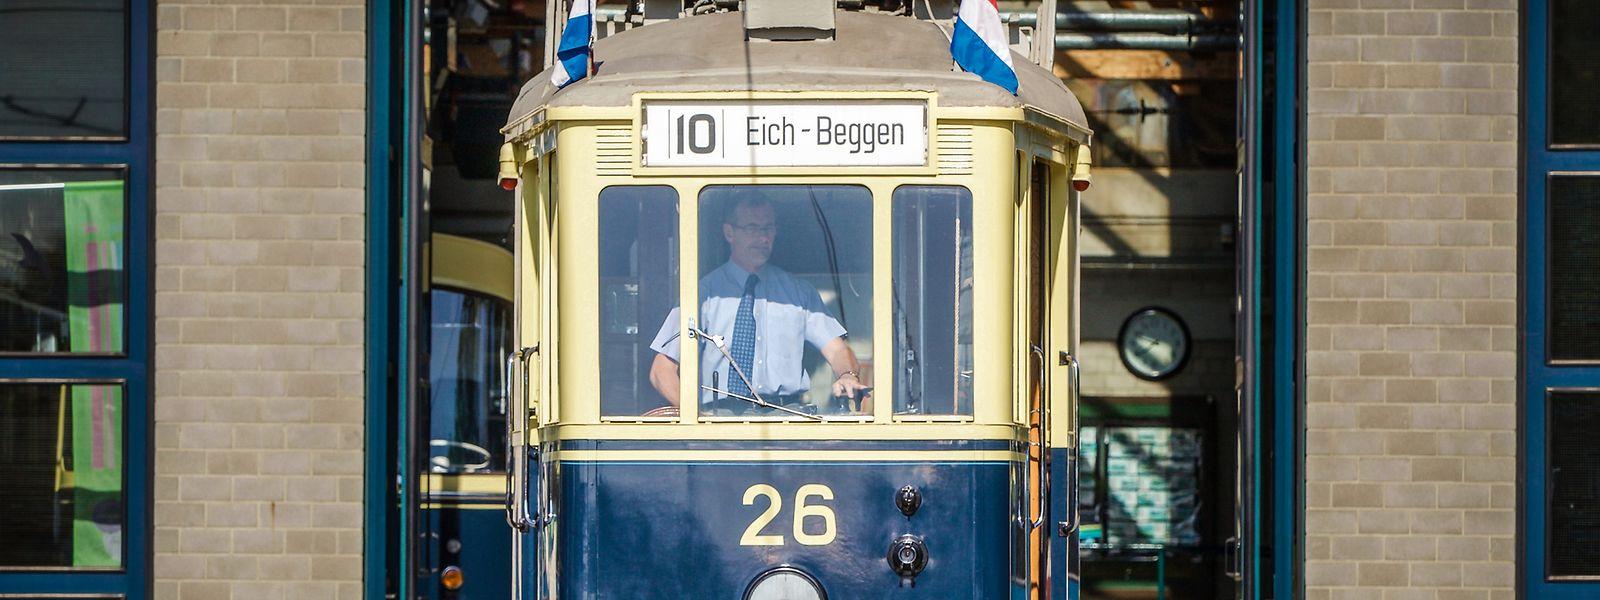 """Fahren kann die alte Tram 26 noch, wenn auch nur als Modellwaggon auf Schienen vor dem Museum: Romain Rech, Verantwortlicher des """"Tramsmusée"""" holt für Besucher das alte Stück gerne hervor."""